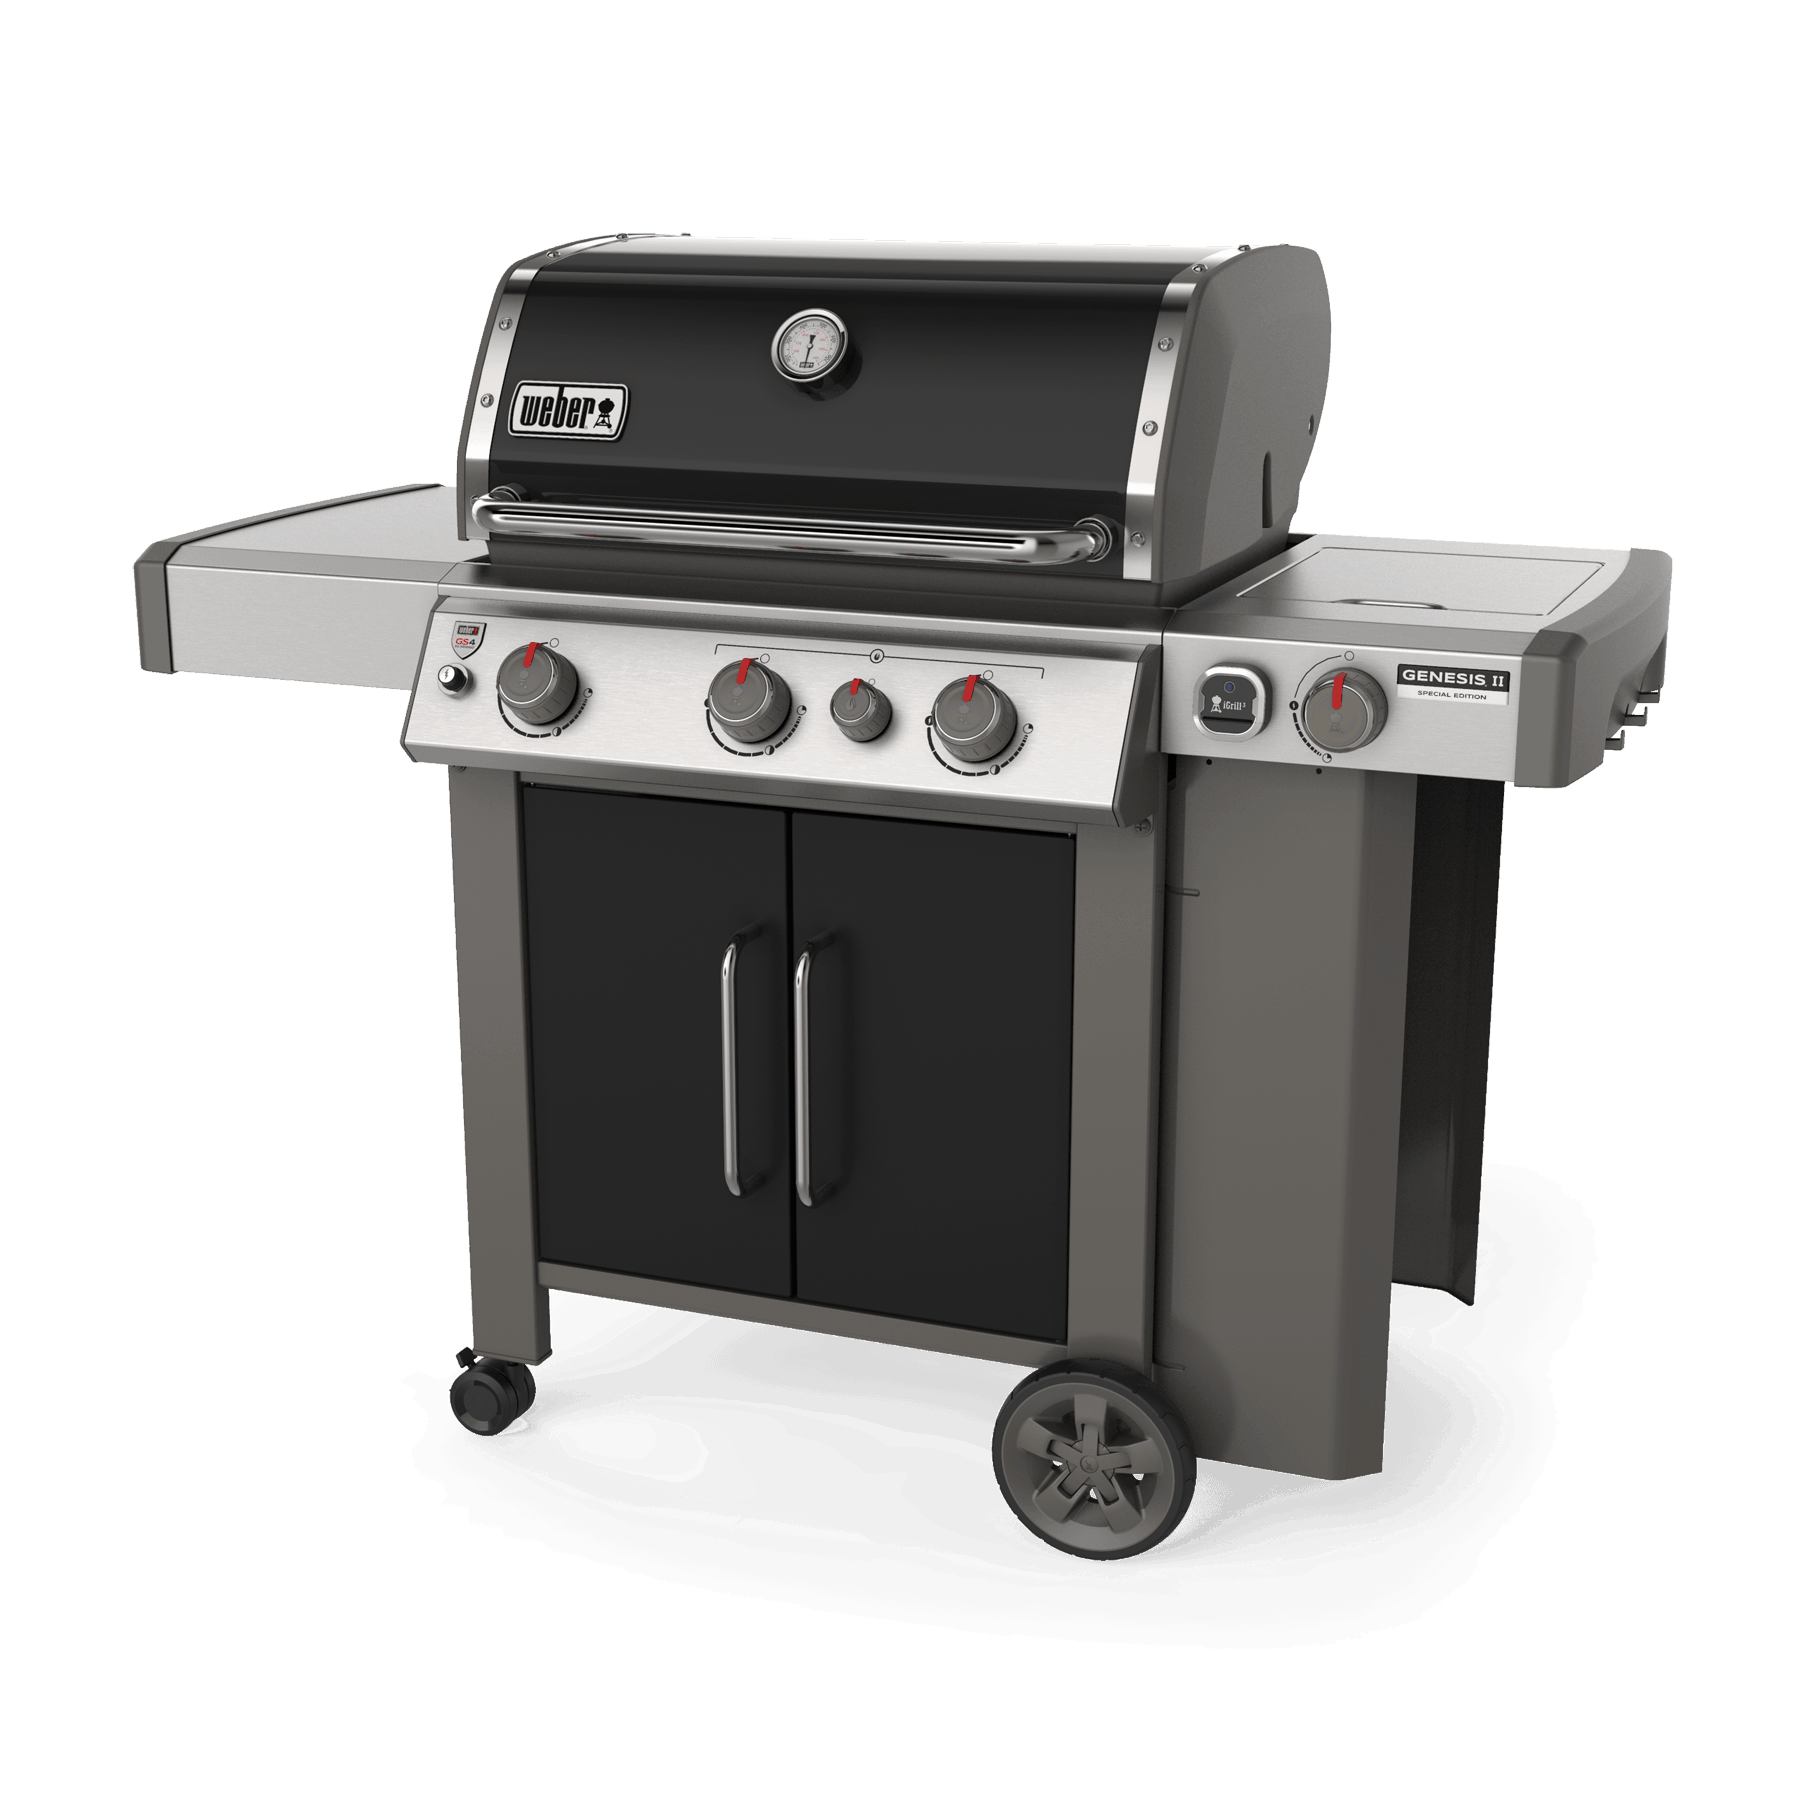 Genesis® II CSE-335 Gas Grill